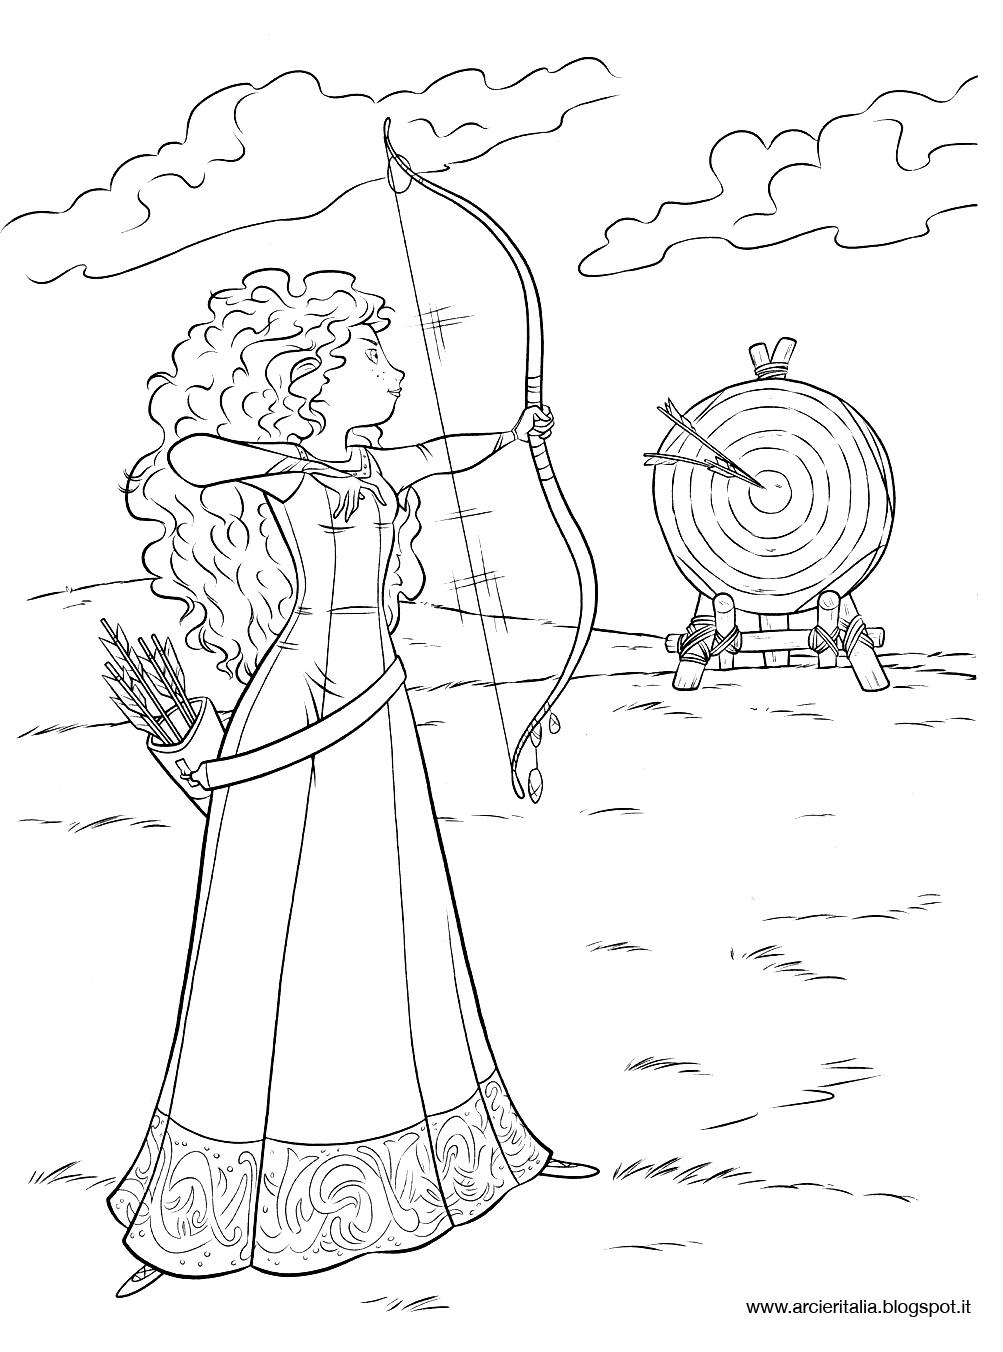 arcieritalia Coloriamo la Principessa